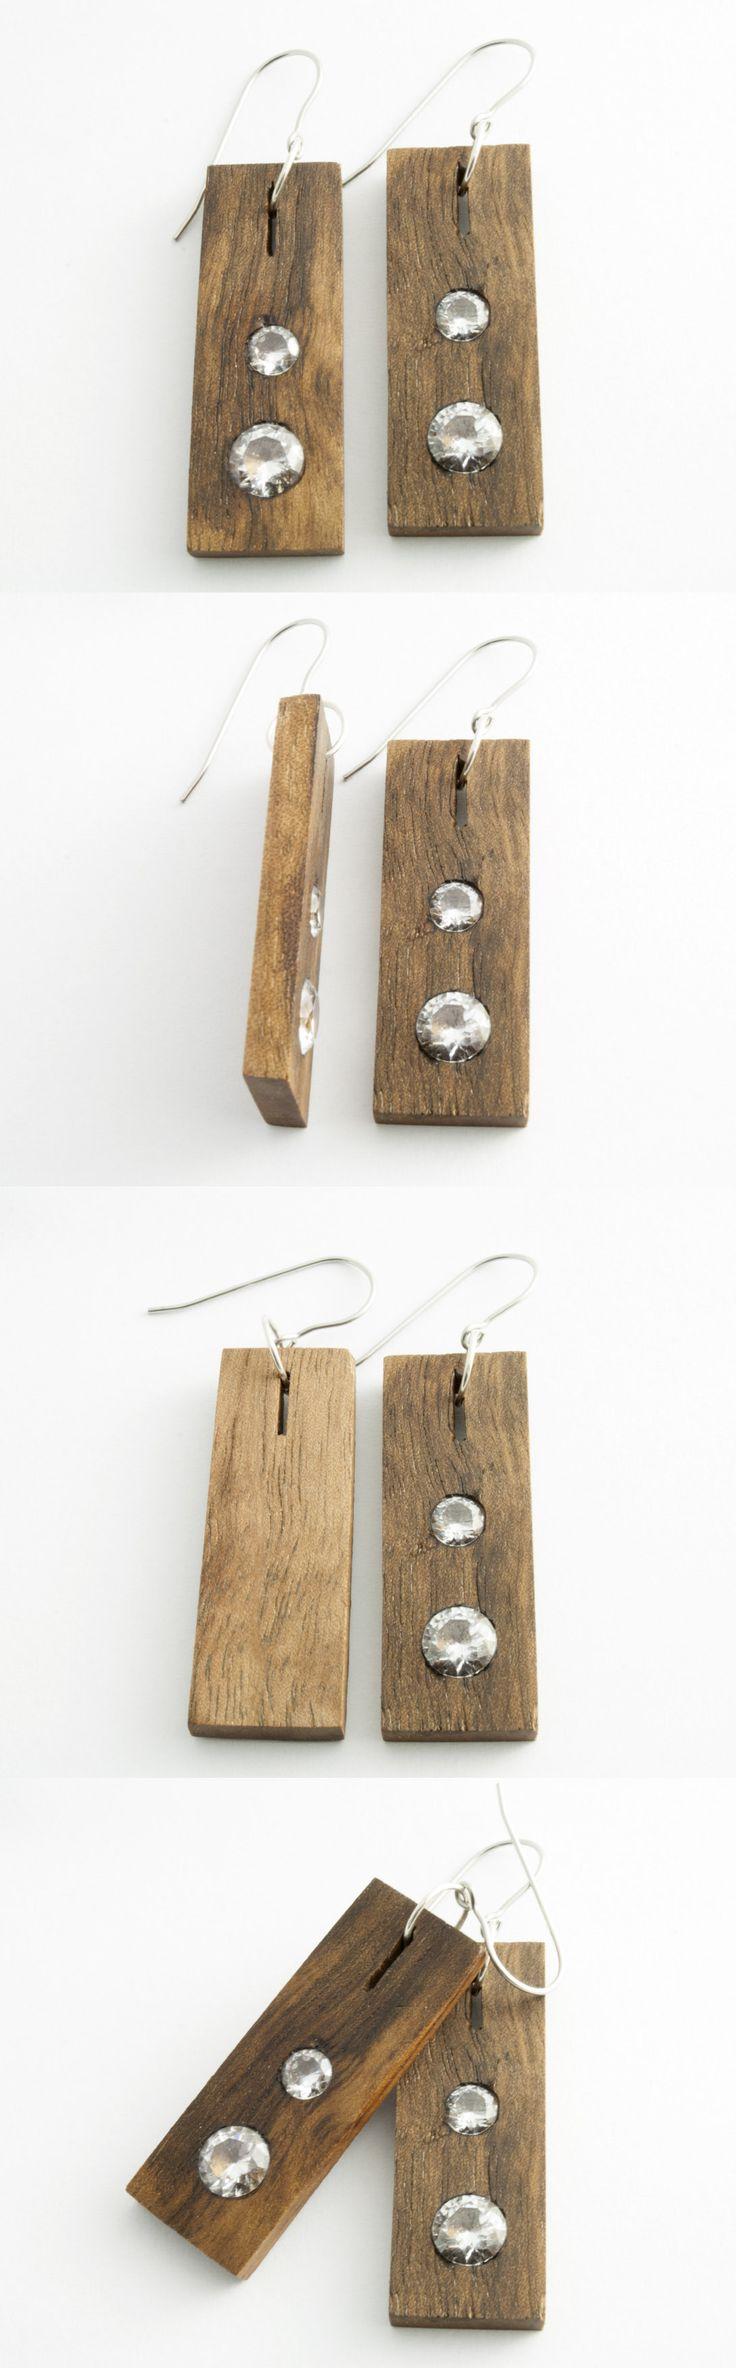 Ręcznie wykonane kolczyki z drewna orzecha włoskiego. W środku zostały zamontowane cyrkonie. Bigle zostały wykonane ze stali antyalergicznej. Długość kolczyka – 4cm Szerokość kolczyka – 1,5cm